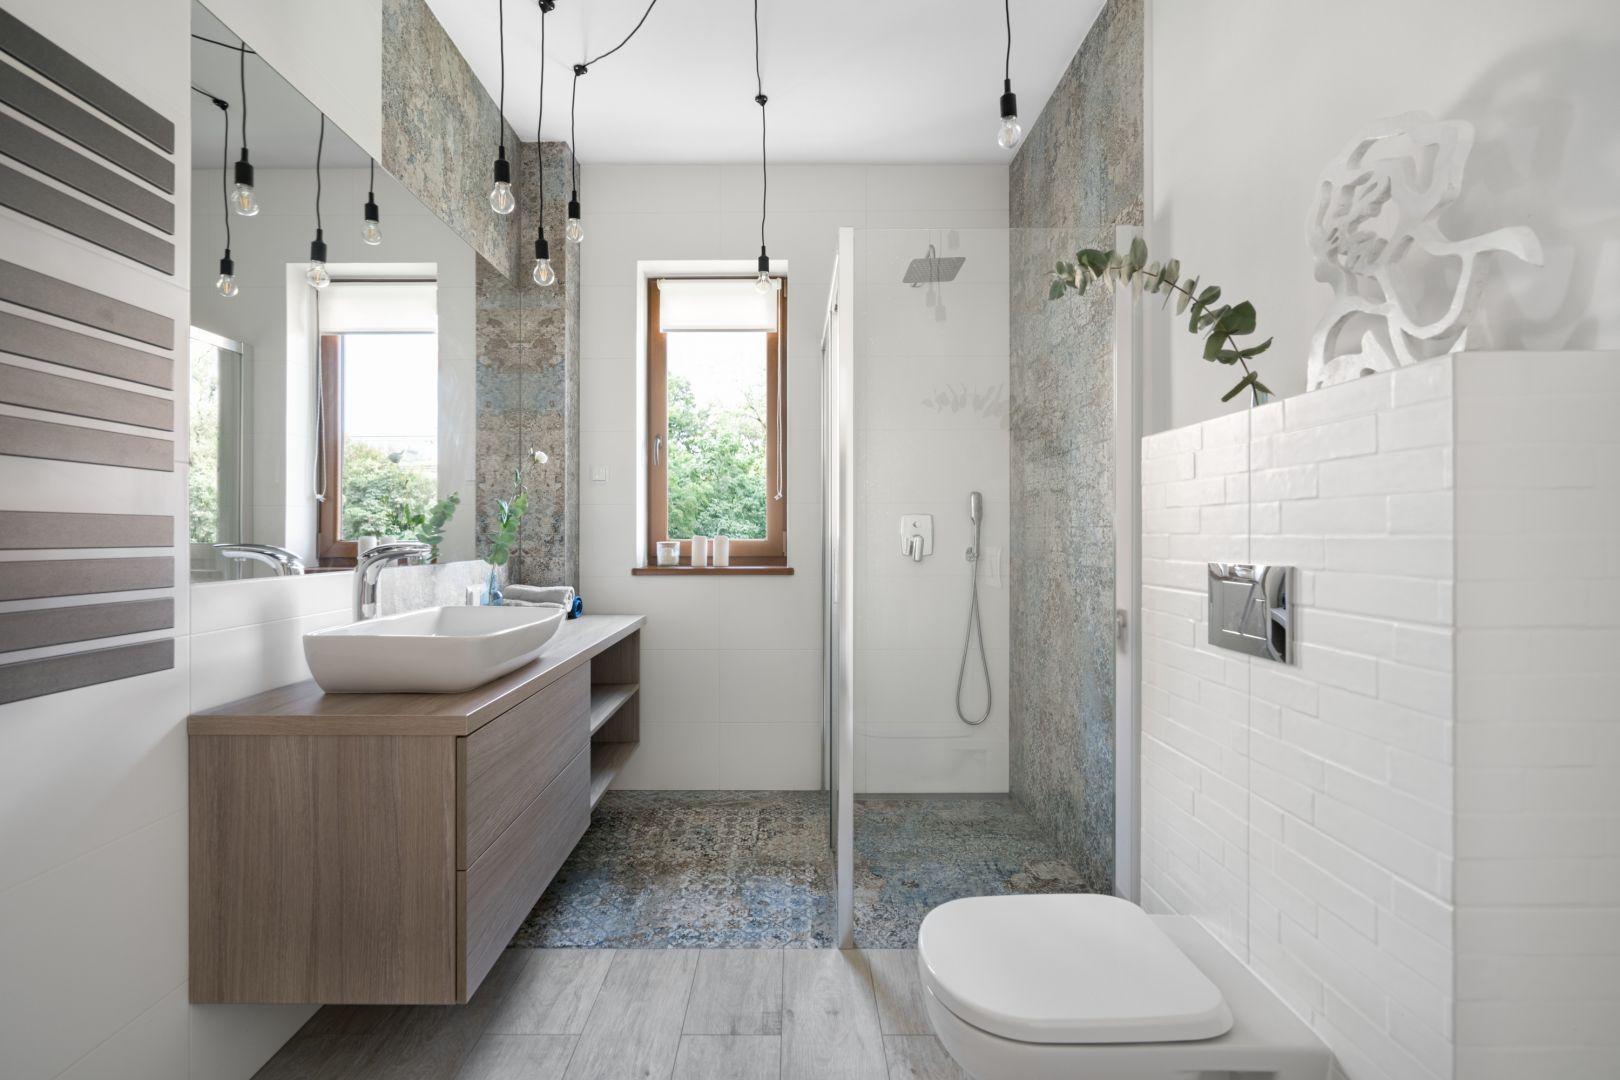 Wygodną łazienkę w prysznicem urządzono w jasnych kolorach.  Projekt: MM Architekci. Fot. Jeremiasz Nowak